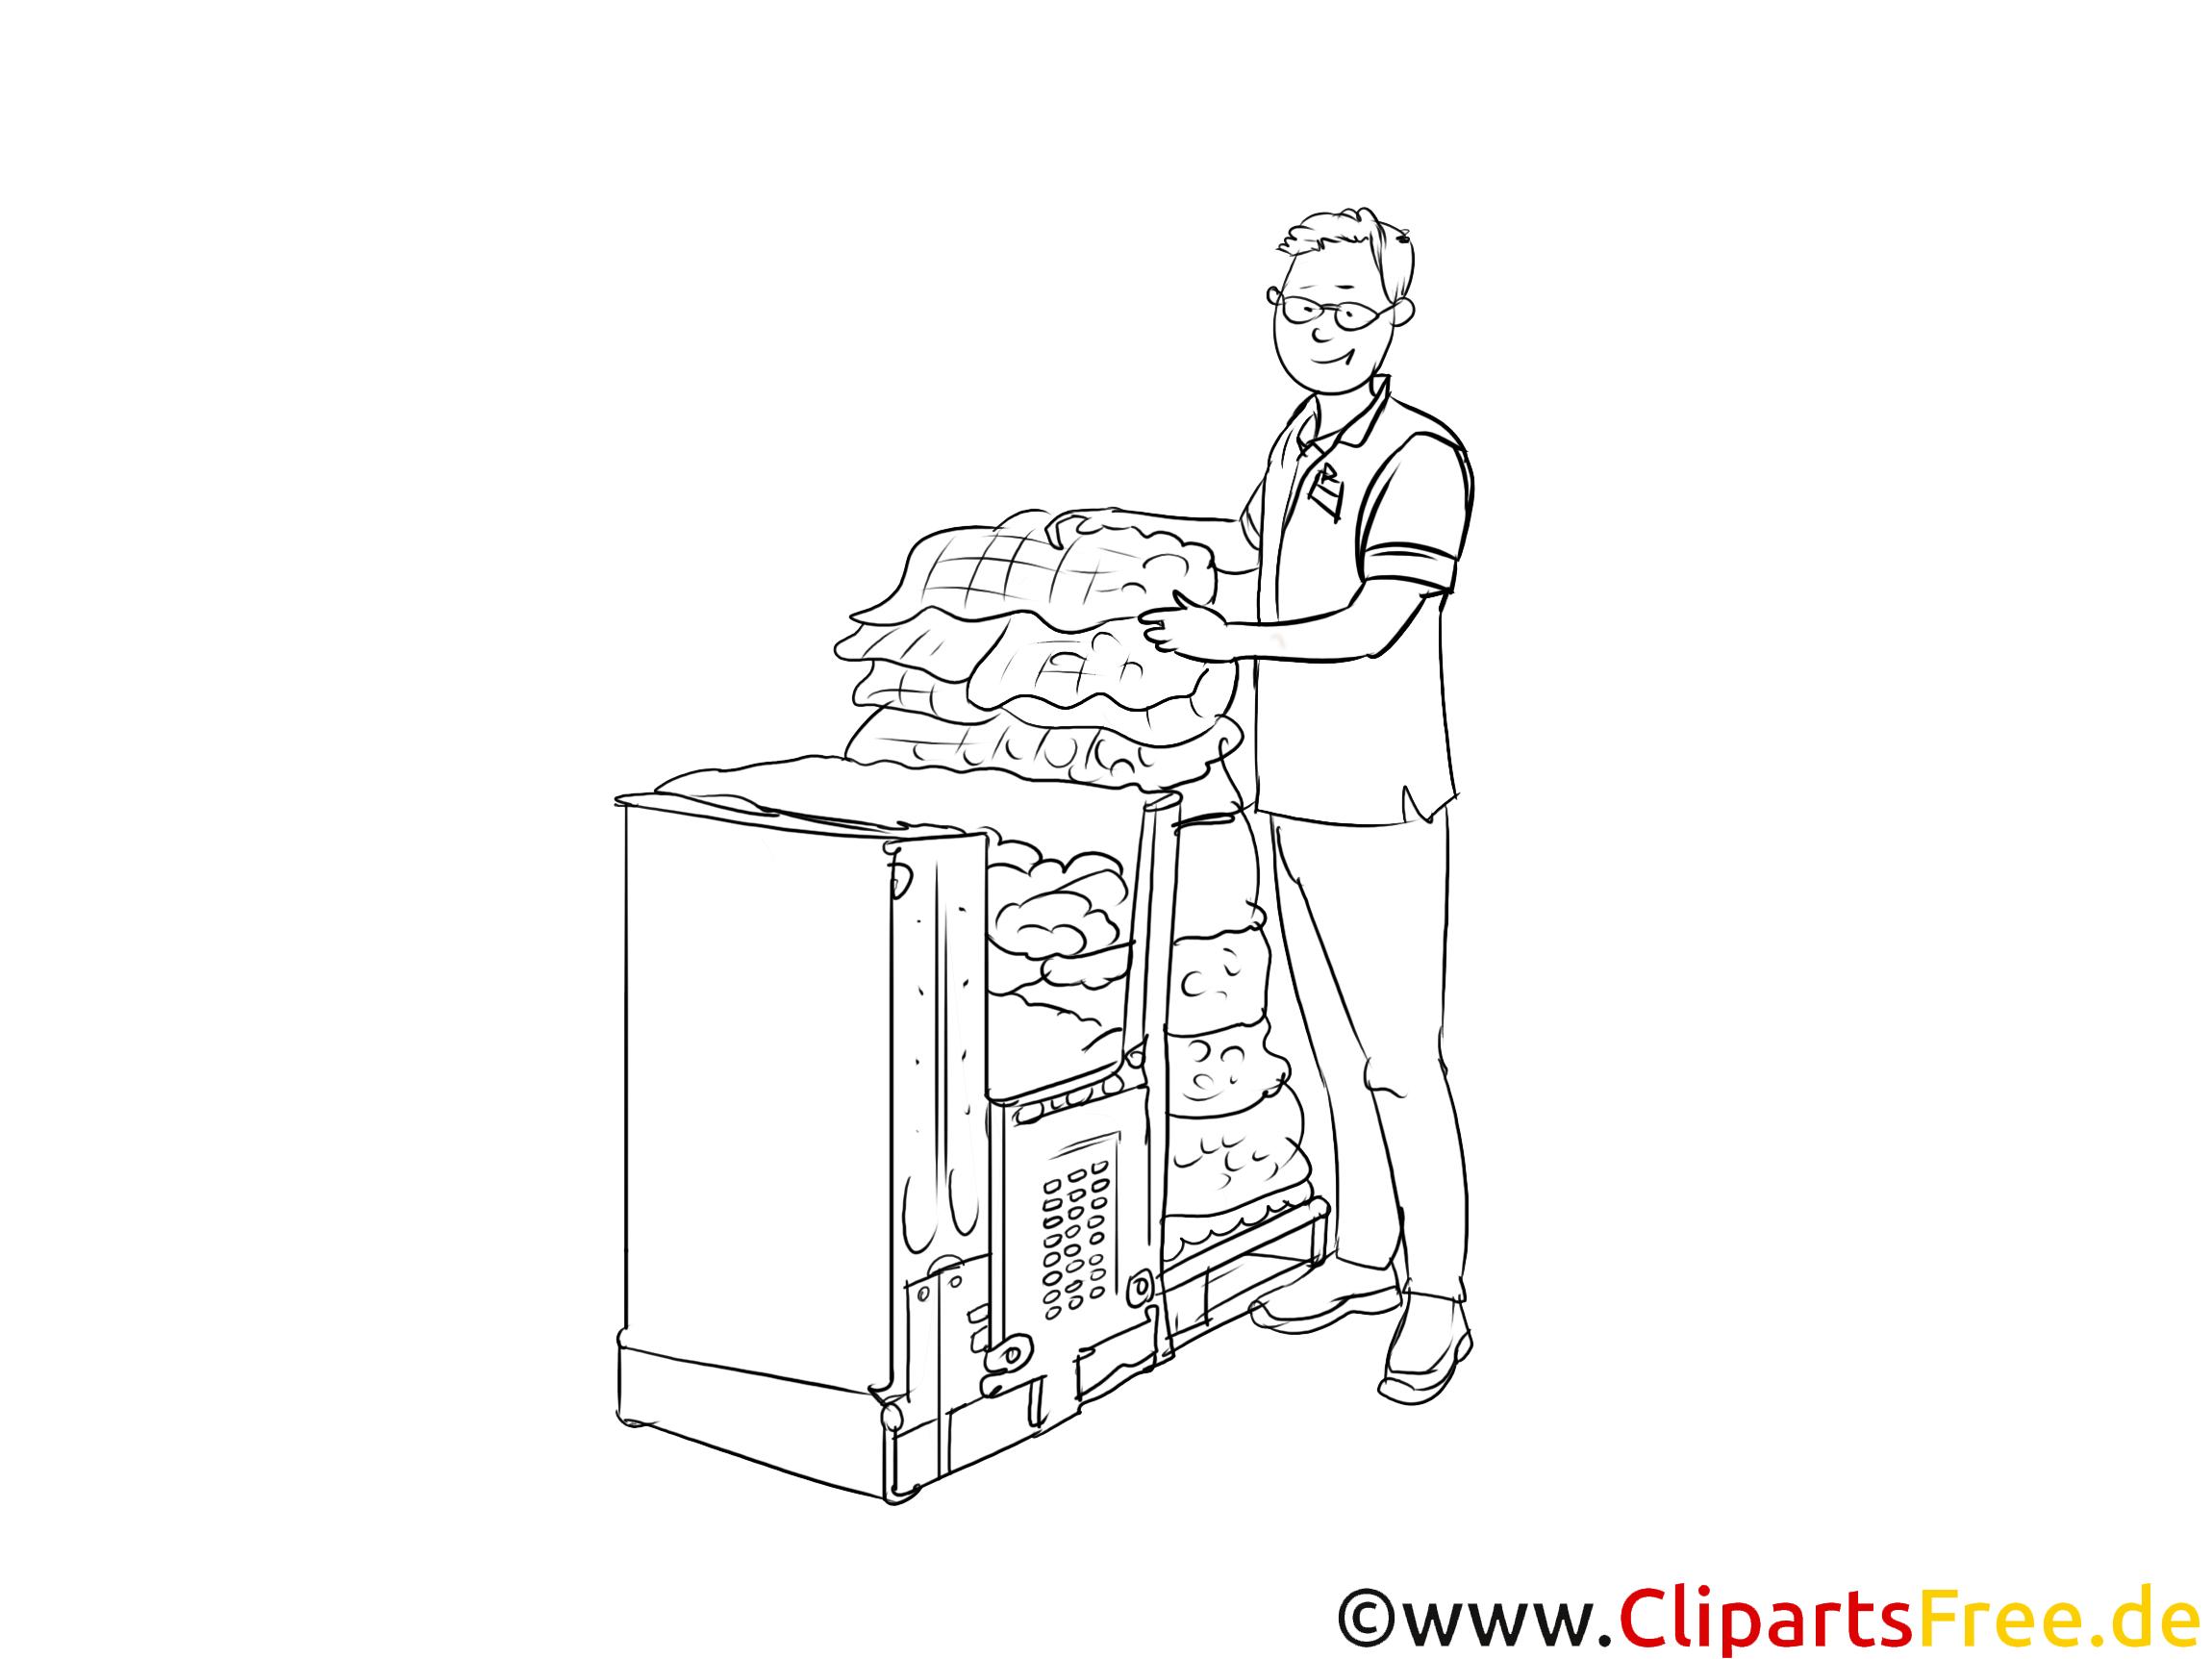 Kaufmann im Einzelhandel Clipart-Bilder für Präsentationen